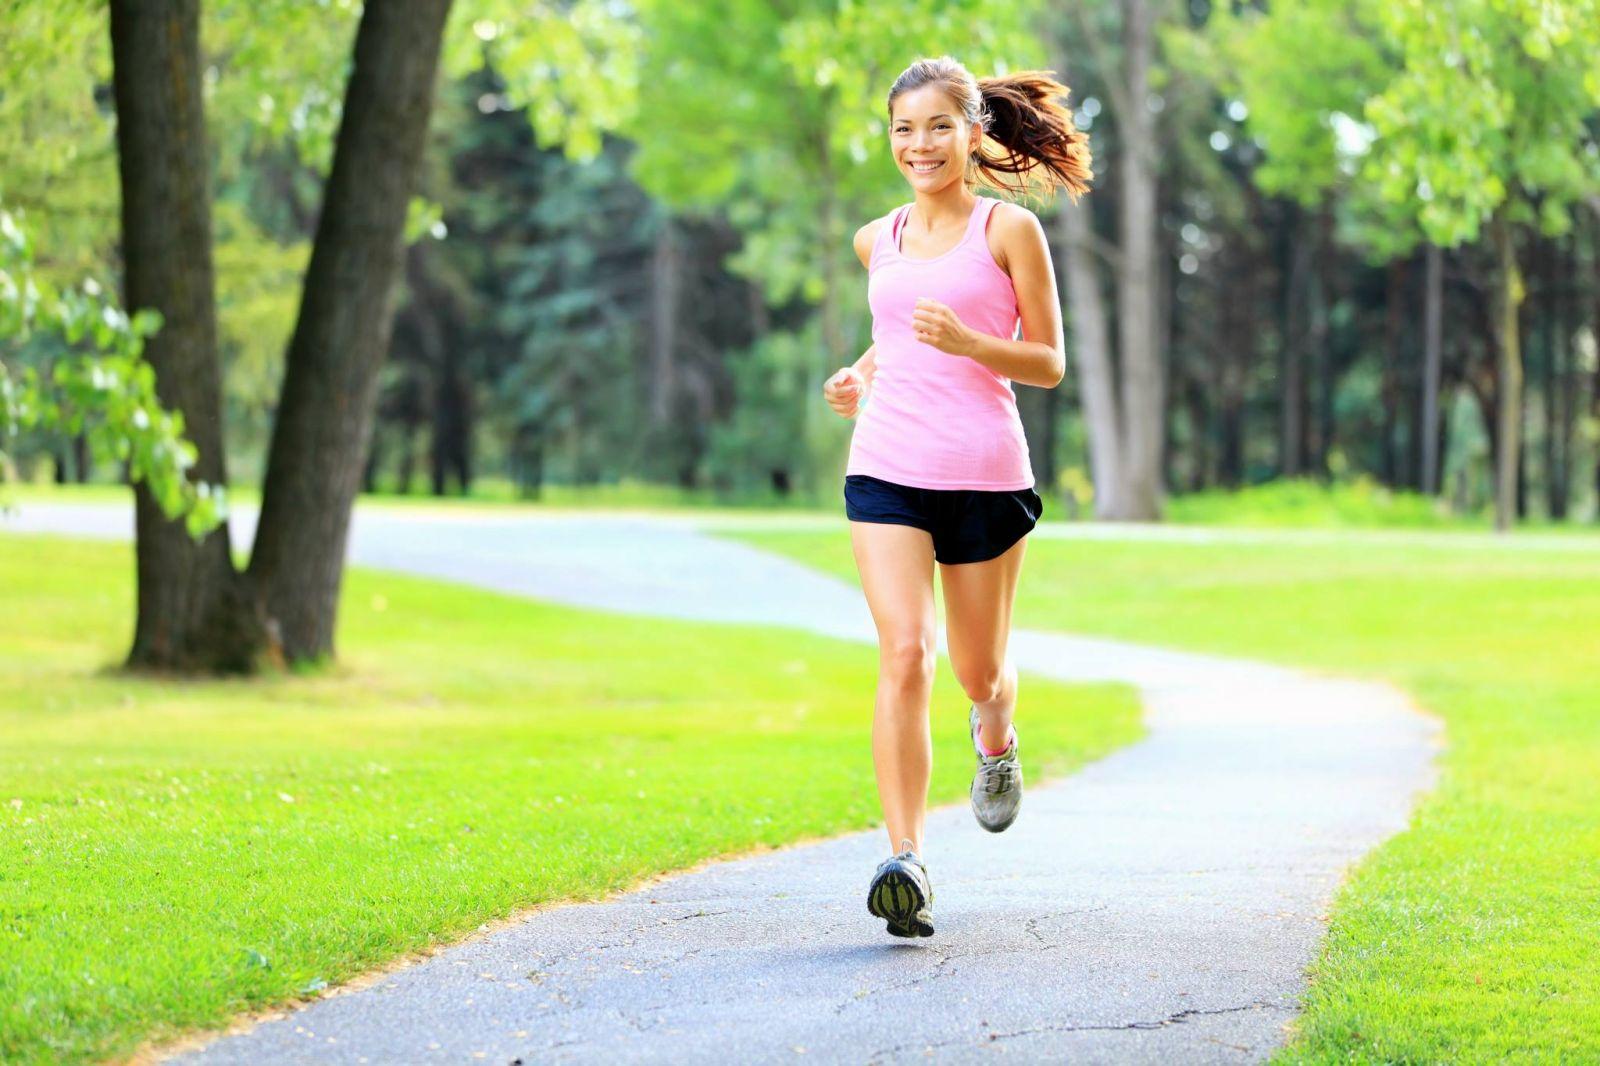 Bài tập thể dục giảm cân toàn thân hiệu quả